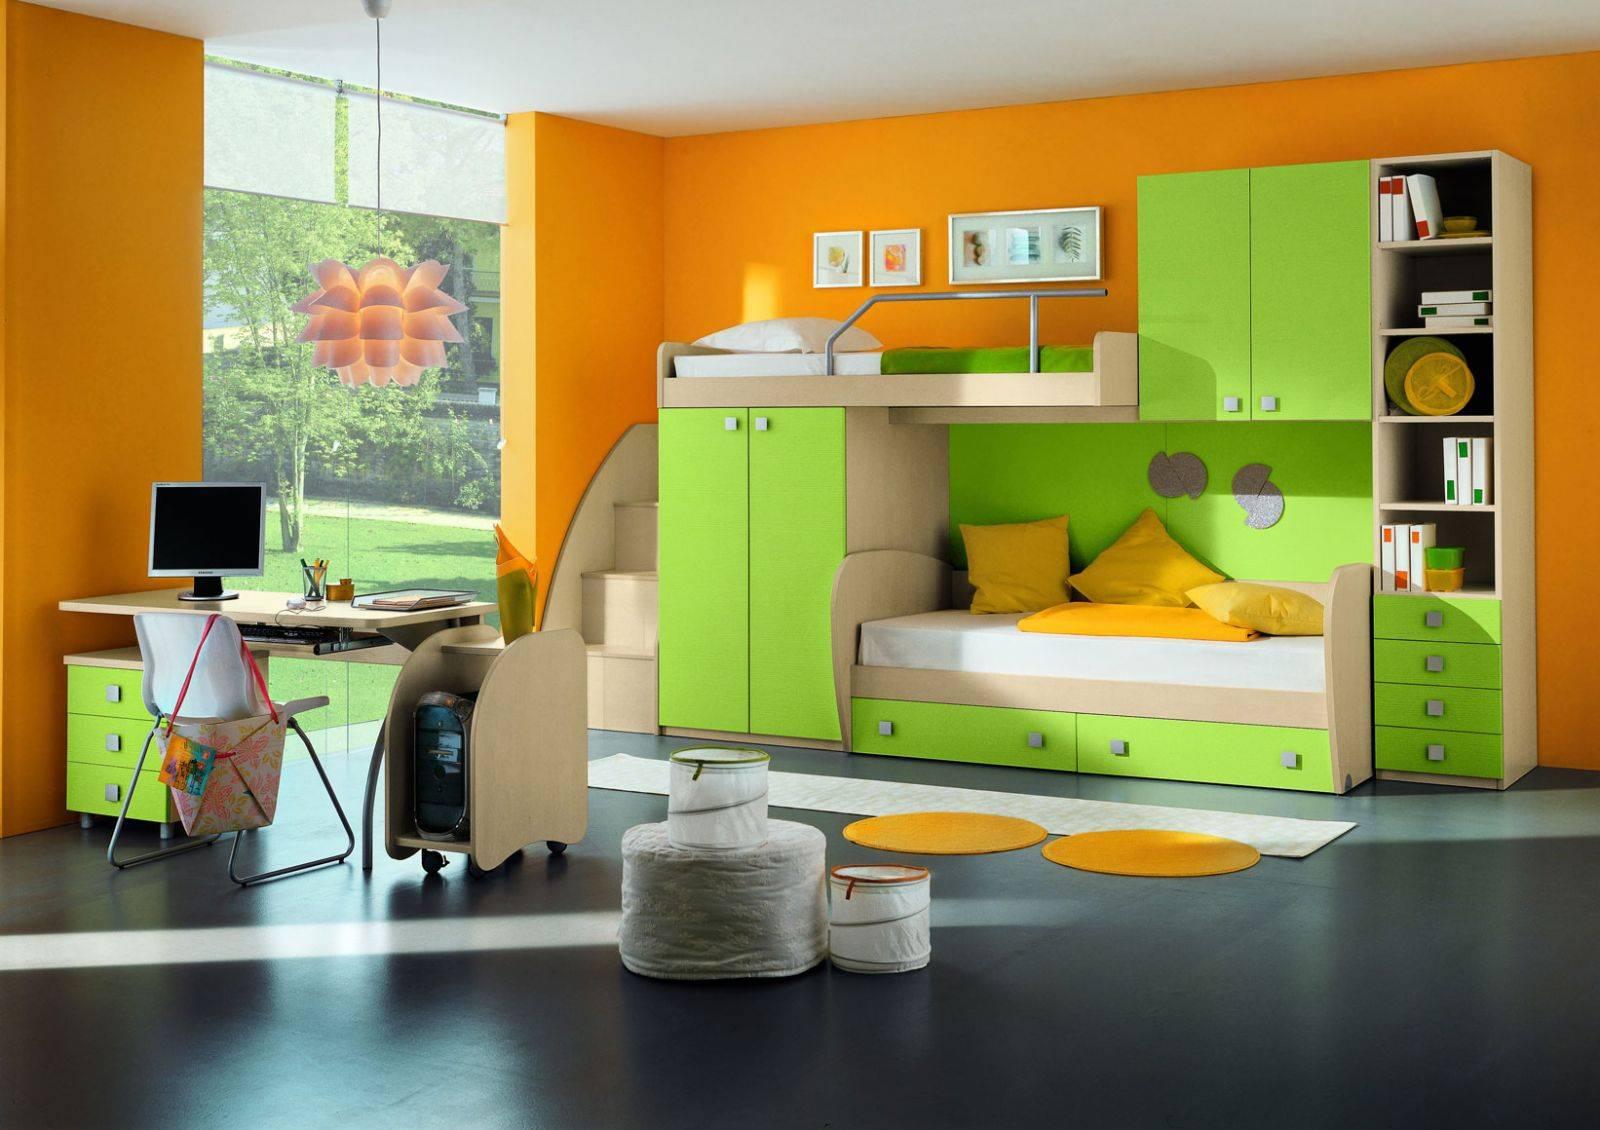 Мебель-трансформер для маленькой квартиры (50 фото)